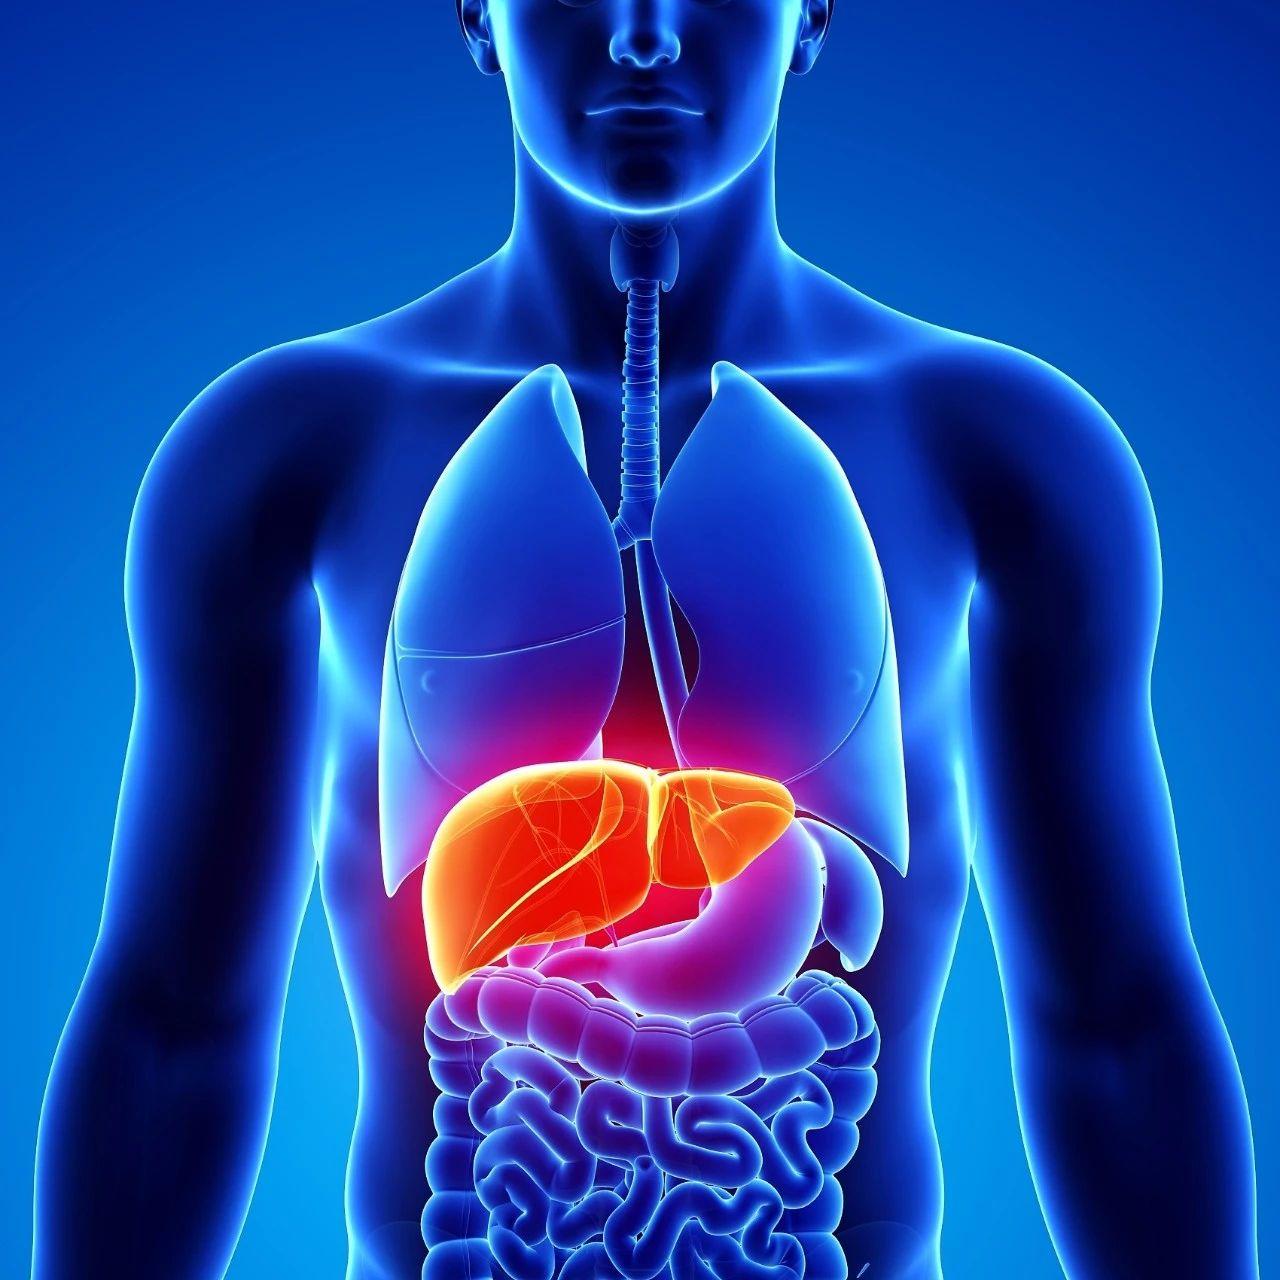 肝癌这种癌症隐蔽性极强,发现就是晚期?这些症状要警惕